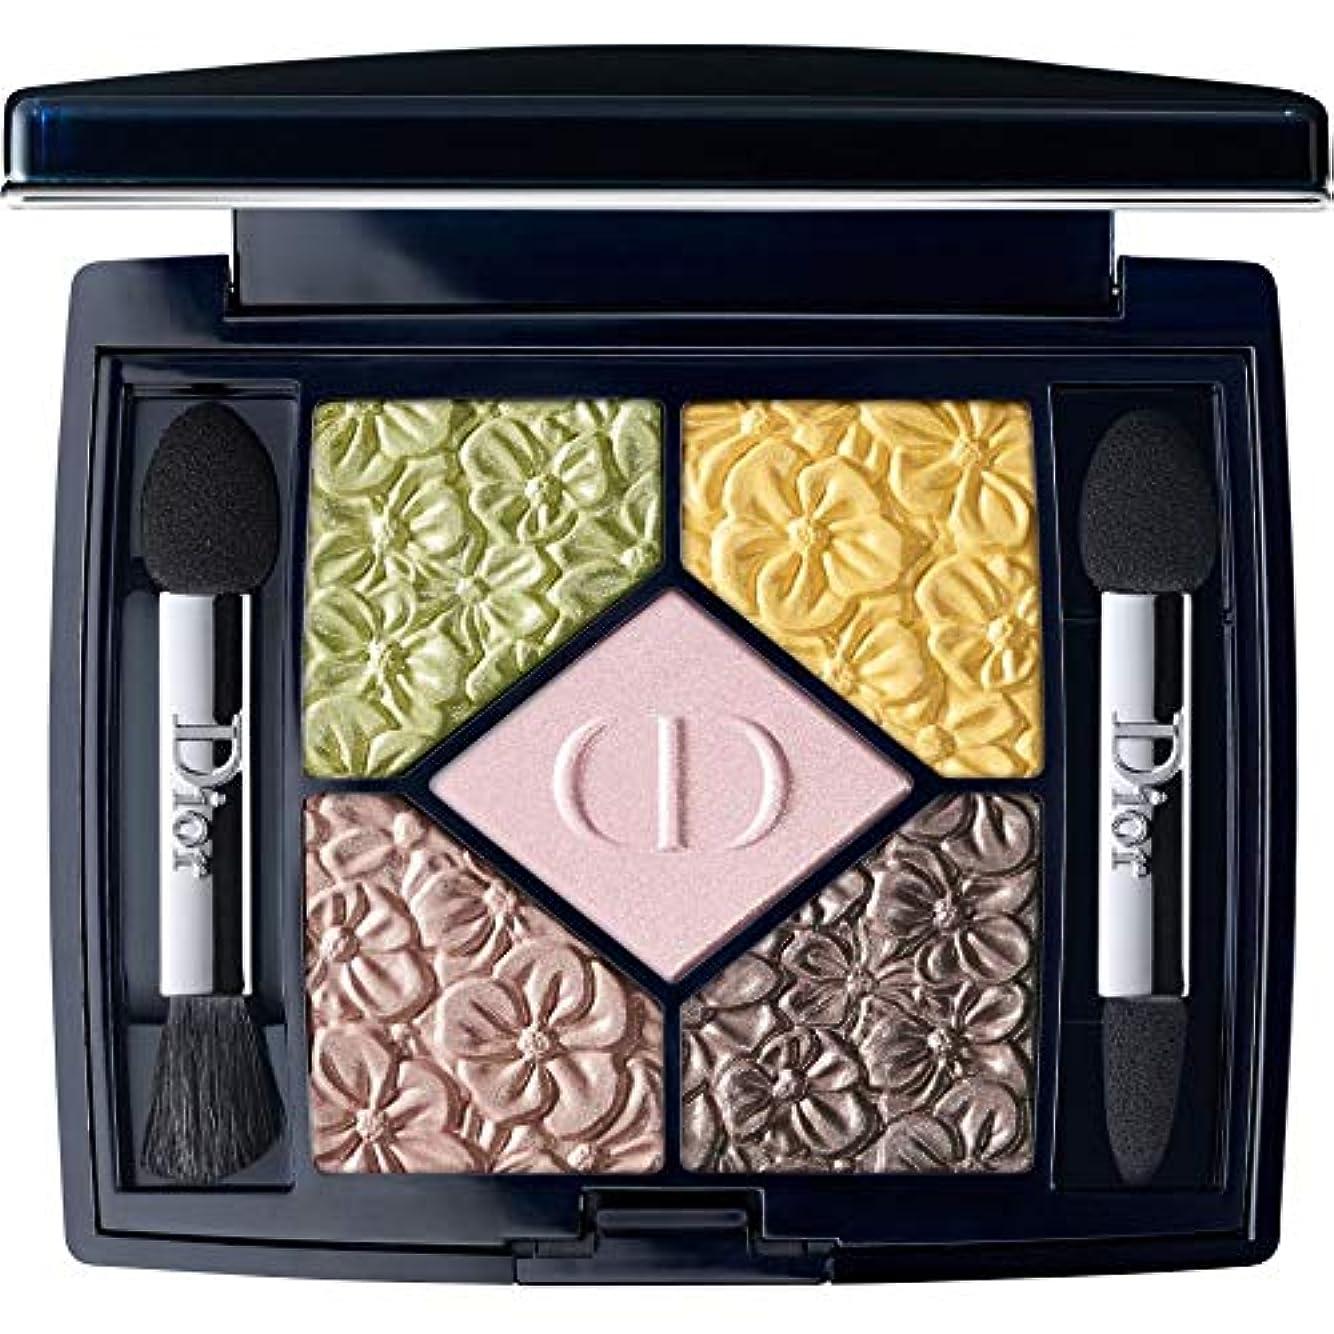 湾太字たくさん[Dior ] ディオールの庭園版クチュールカラー&エフェクトアイシャドウパレット4.5グラム451を輝く5 Couleursは - バラ園 - DIOR 5 Couleurs Glowing Gardens Edition...